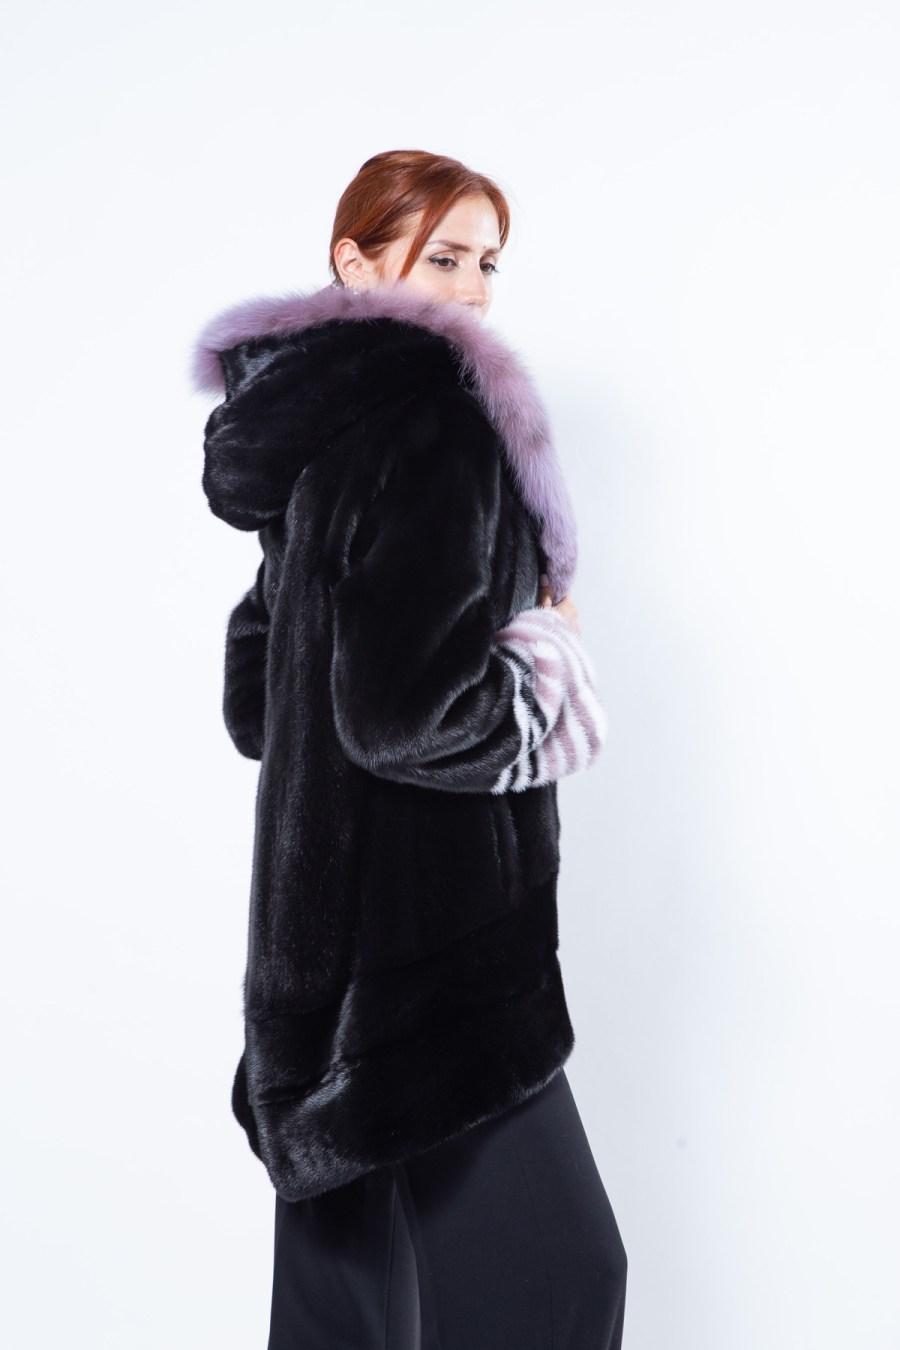 Aurora Black Mink Jacket with Hood | Sarigianni Furs